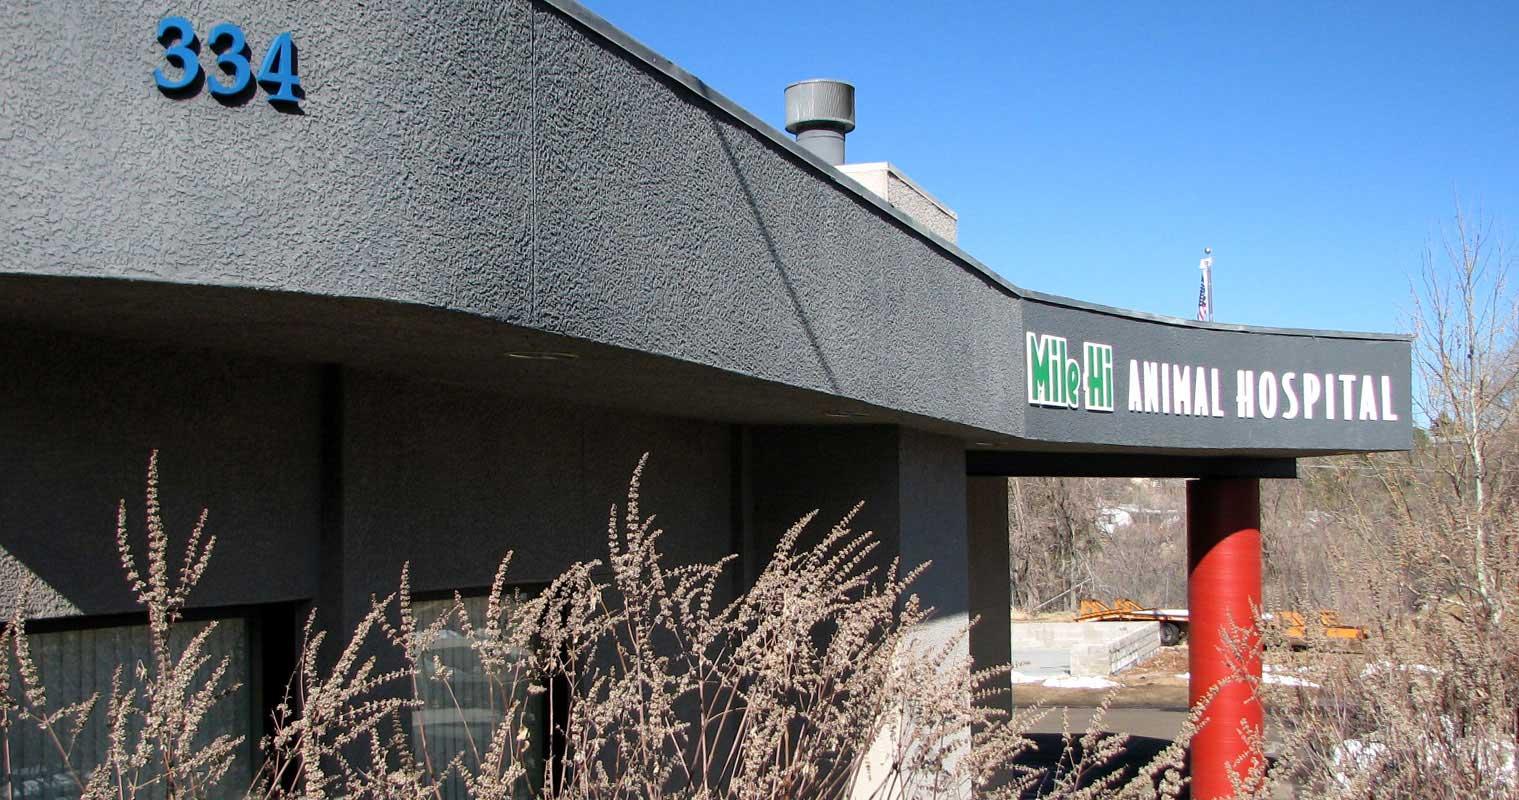 Mile Hi Animal Hospital, Prescott, AZ